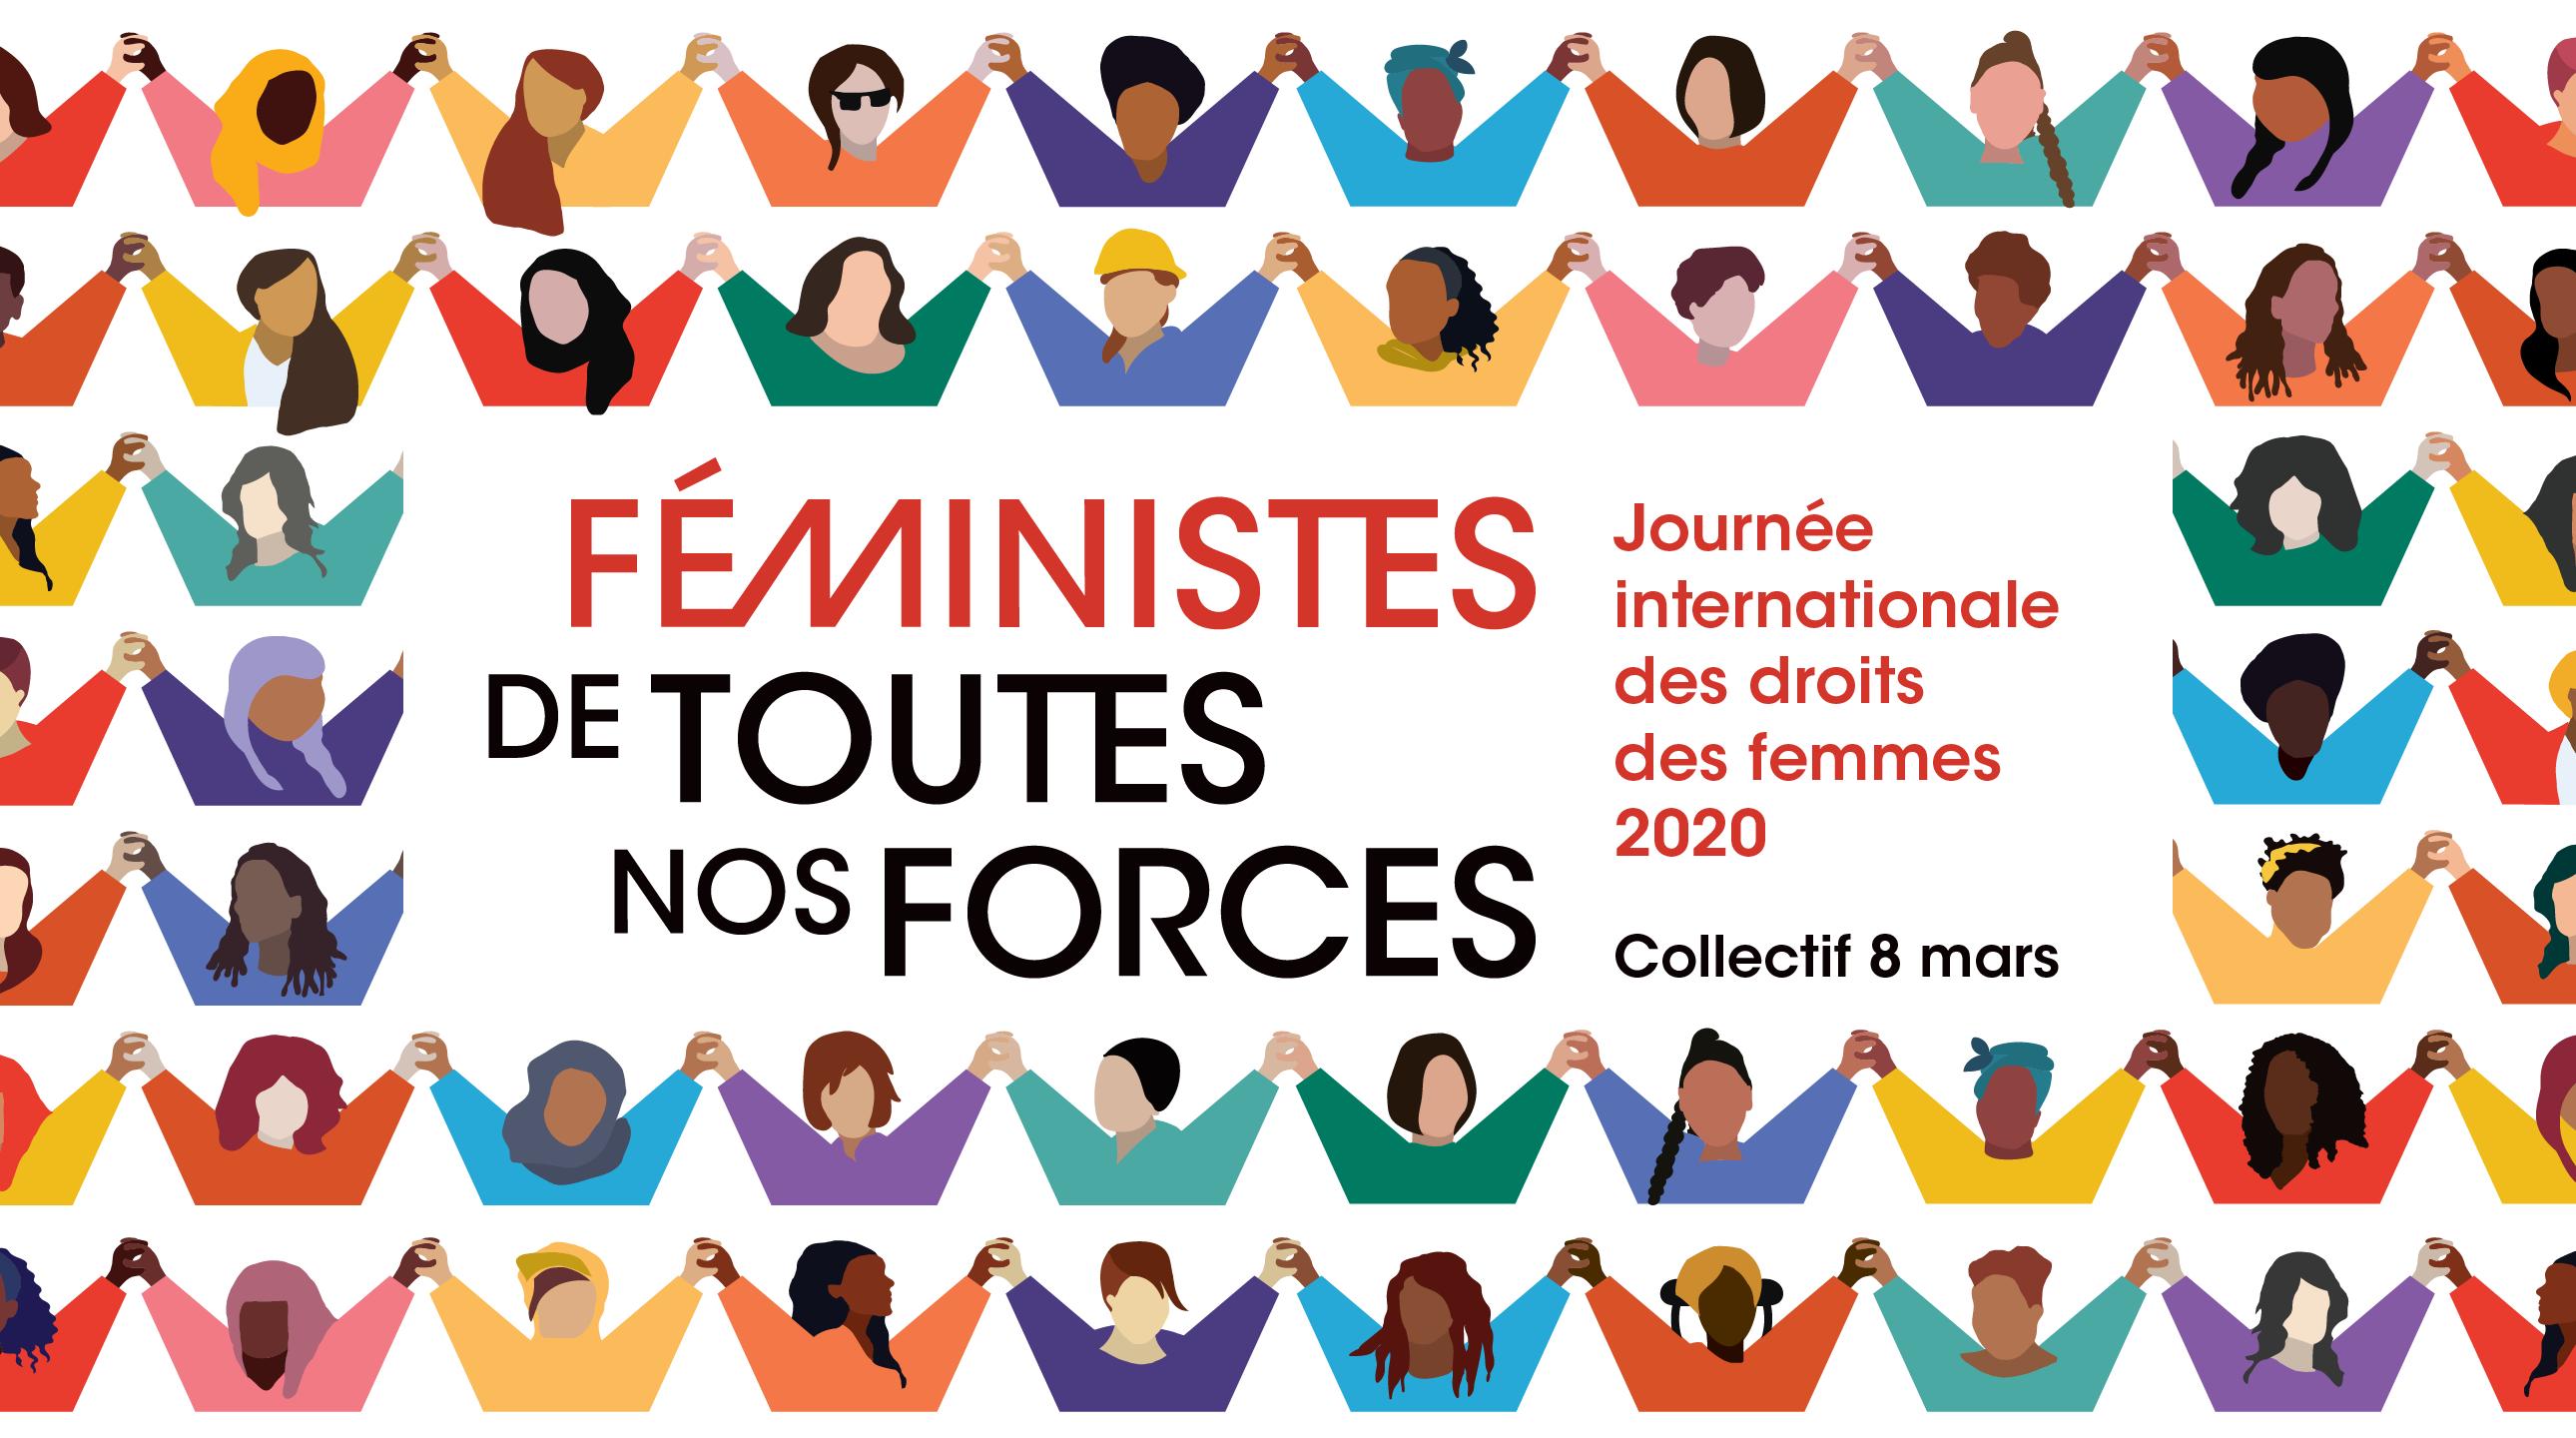 Féministes de toutes nos forces  – Journée internationale des droits des femmes 2020 – Collectif 8 mars